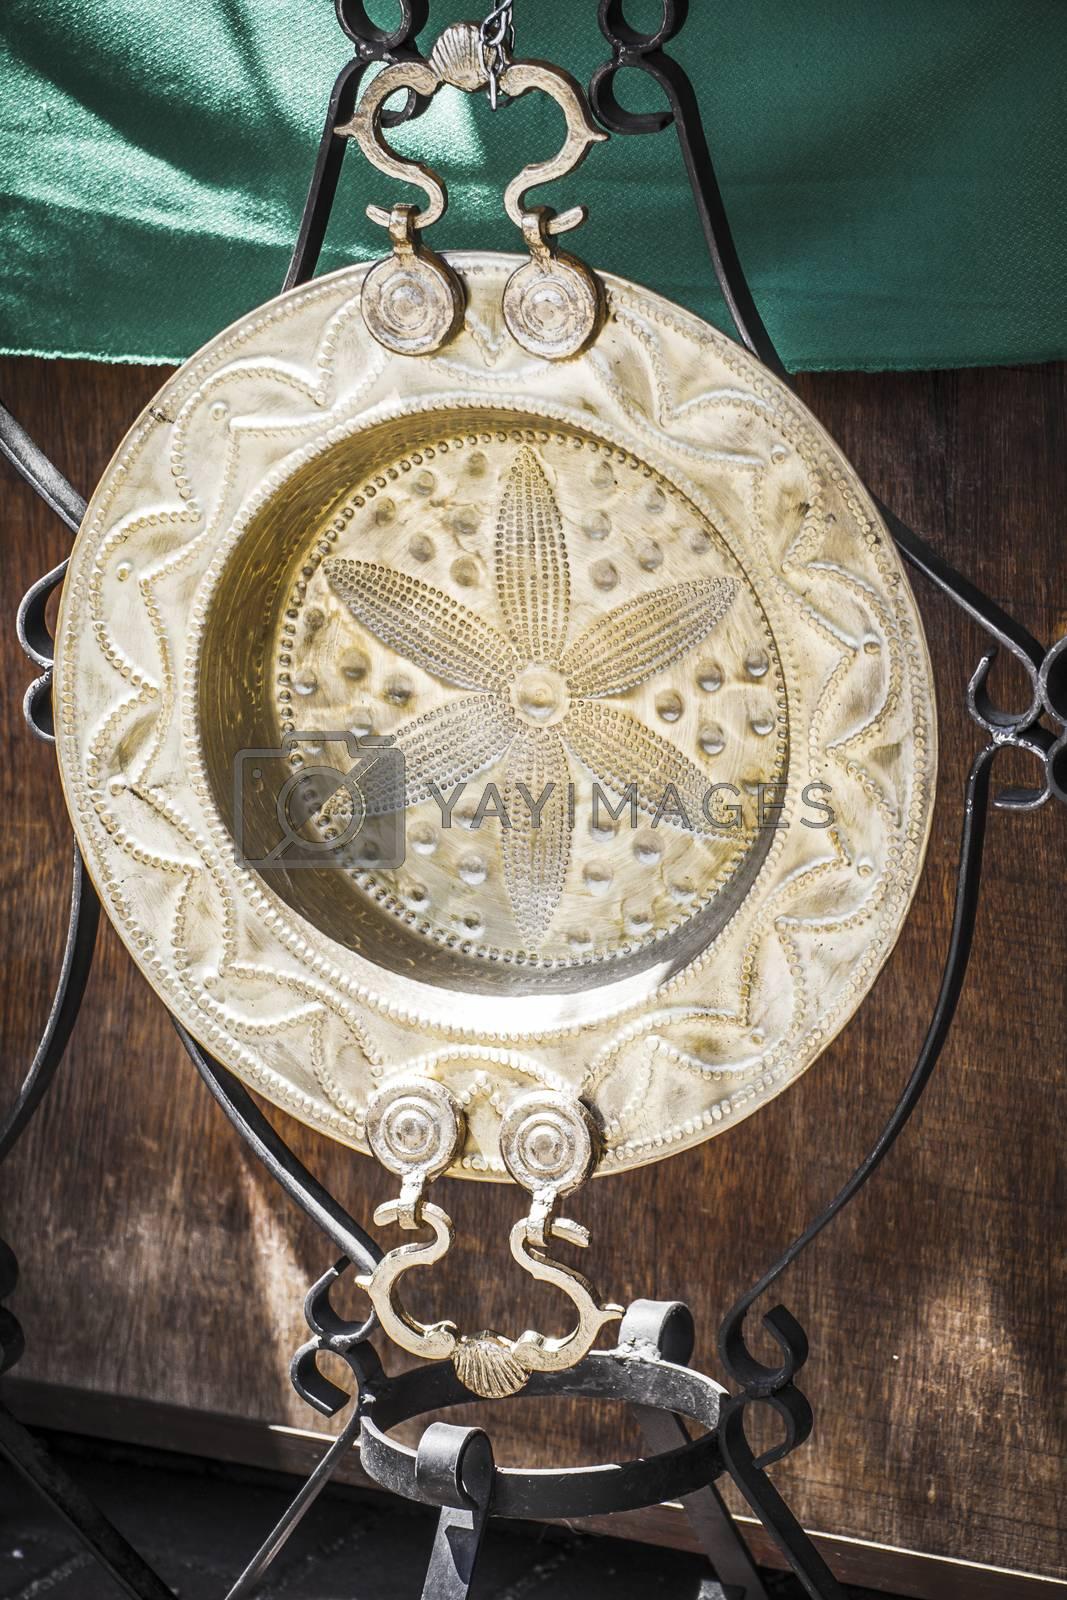 braziers, utensils warm in winter, medieval fair